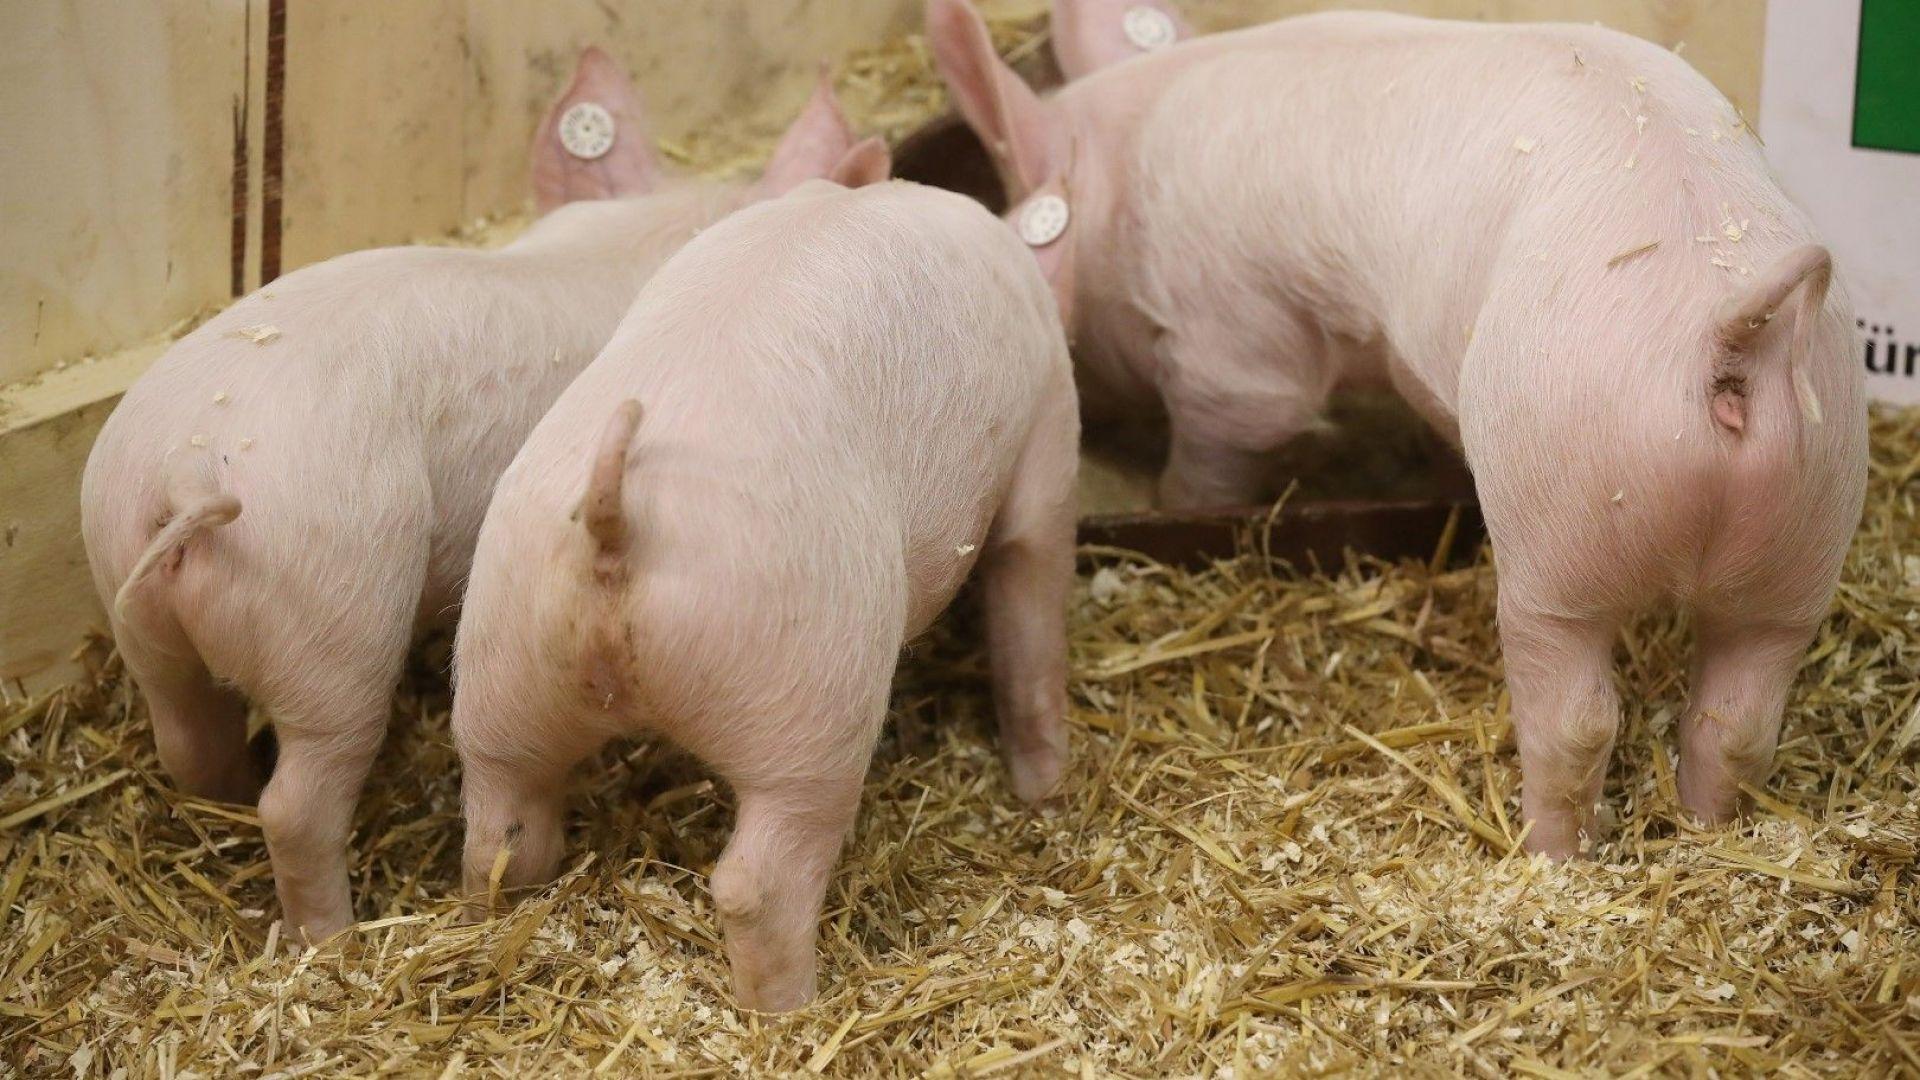 Във Варна с апел за доброволно изколване на прасетата